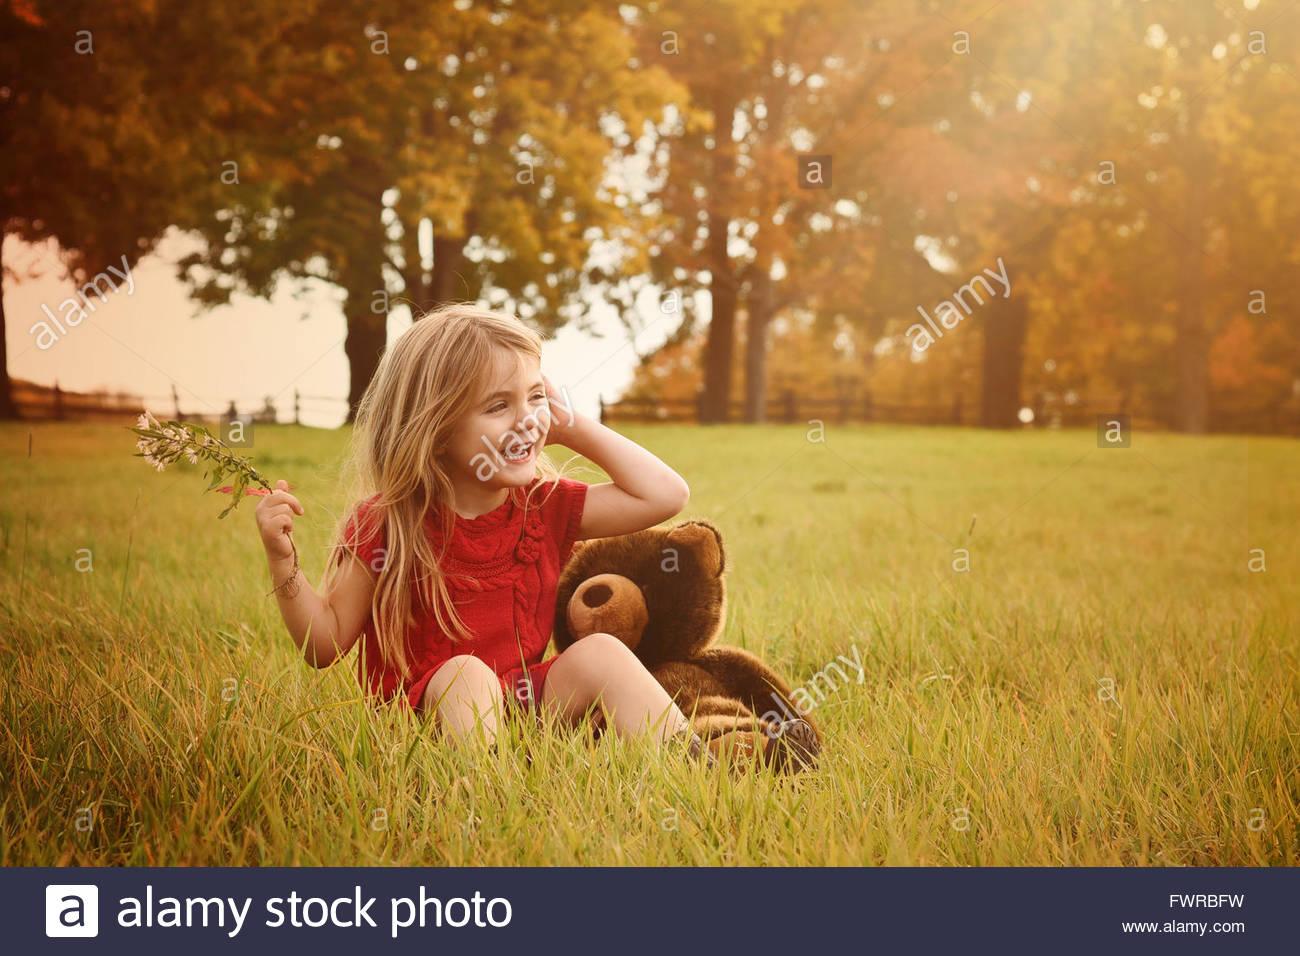 Ein kleines Mädchen sitzt außerhalb des Landes mit grünem Rasen und Sonnenschein für ein Glück Stockbild